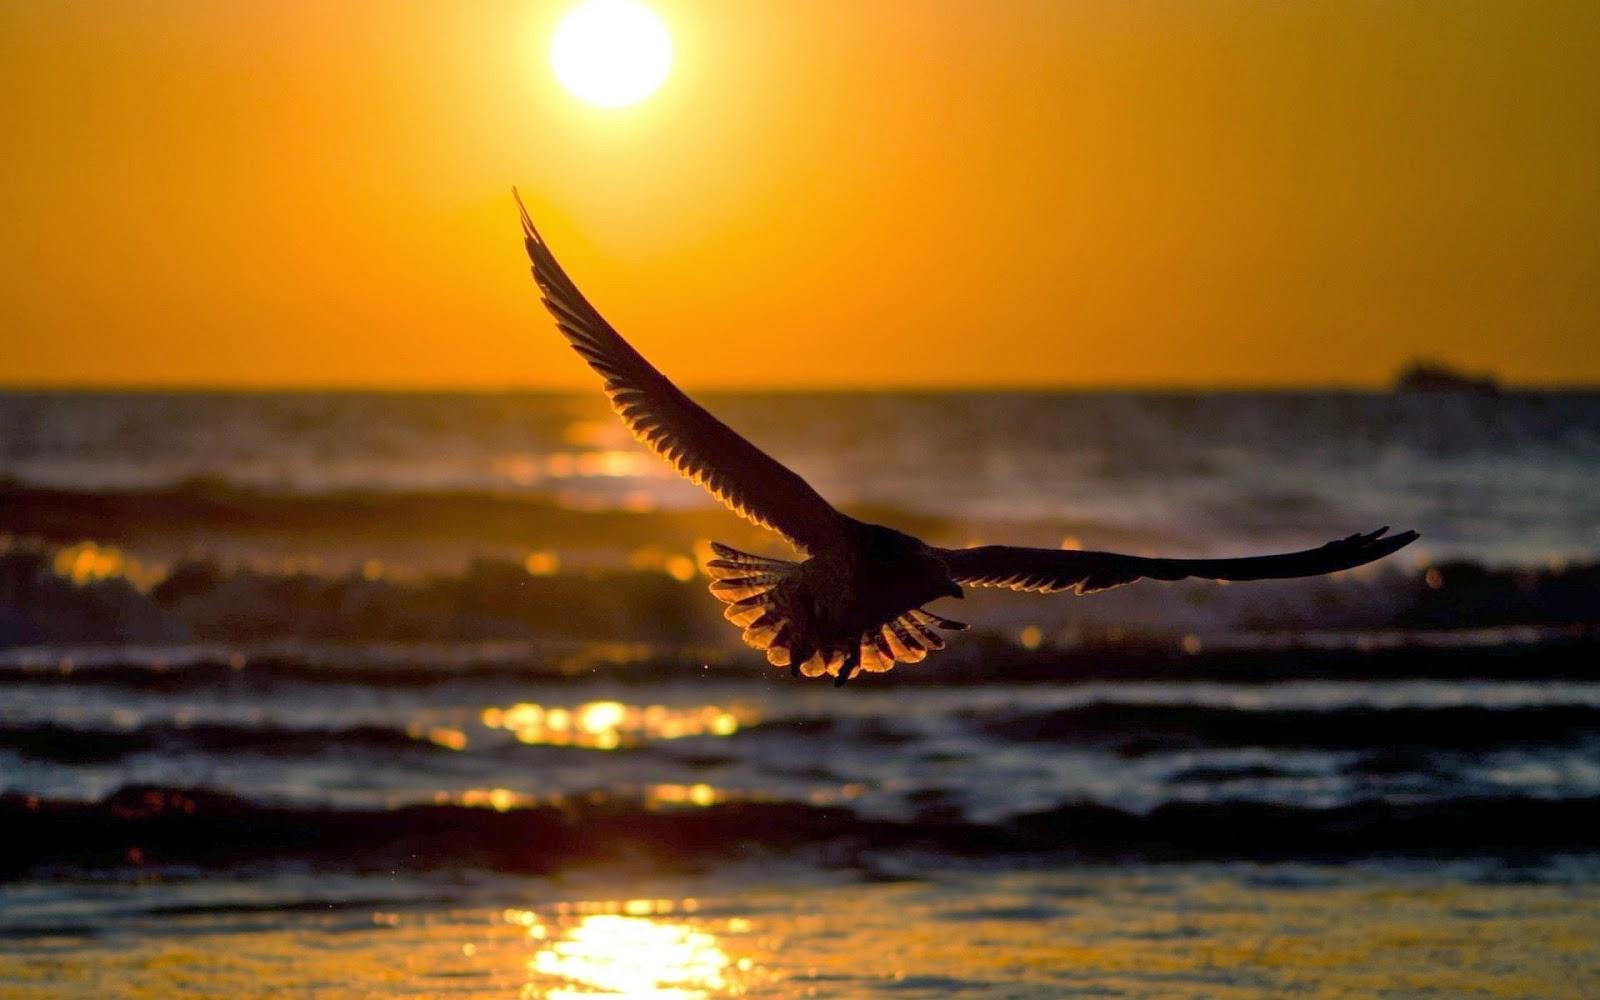 Η αγάπη είναι σαν ένα πουλί που πετάει